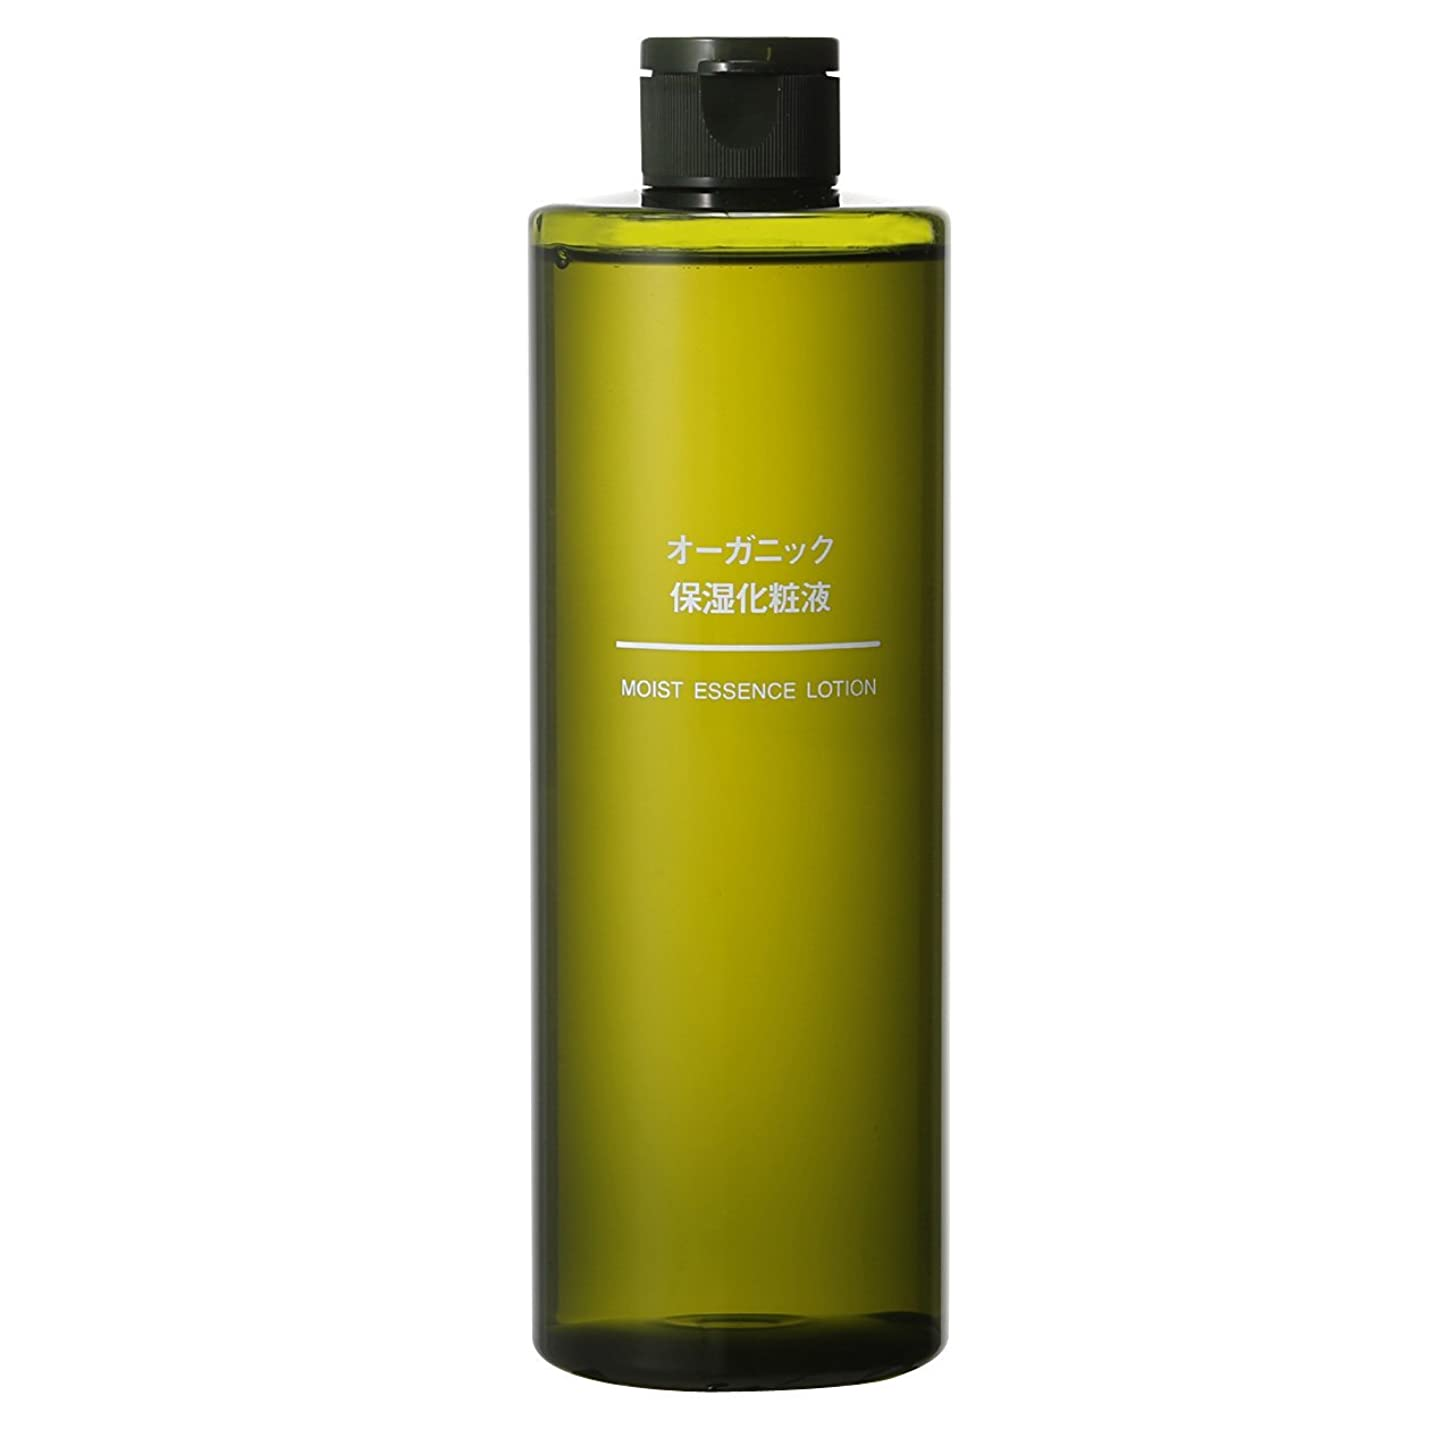 人類やりすぎ埋める無印良品 オーガニック保湿化粧液(大容量) 400ml